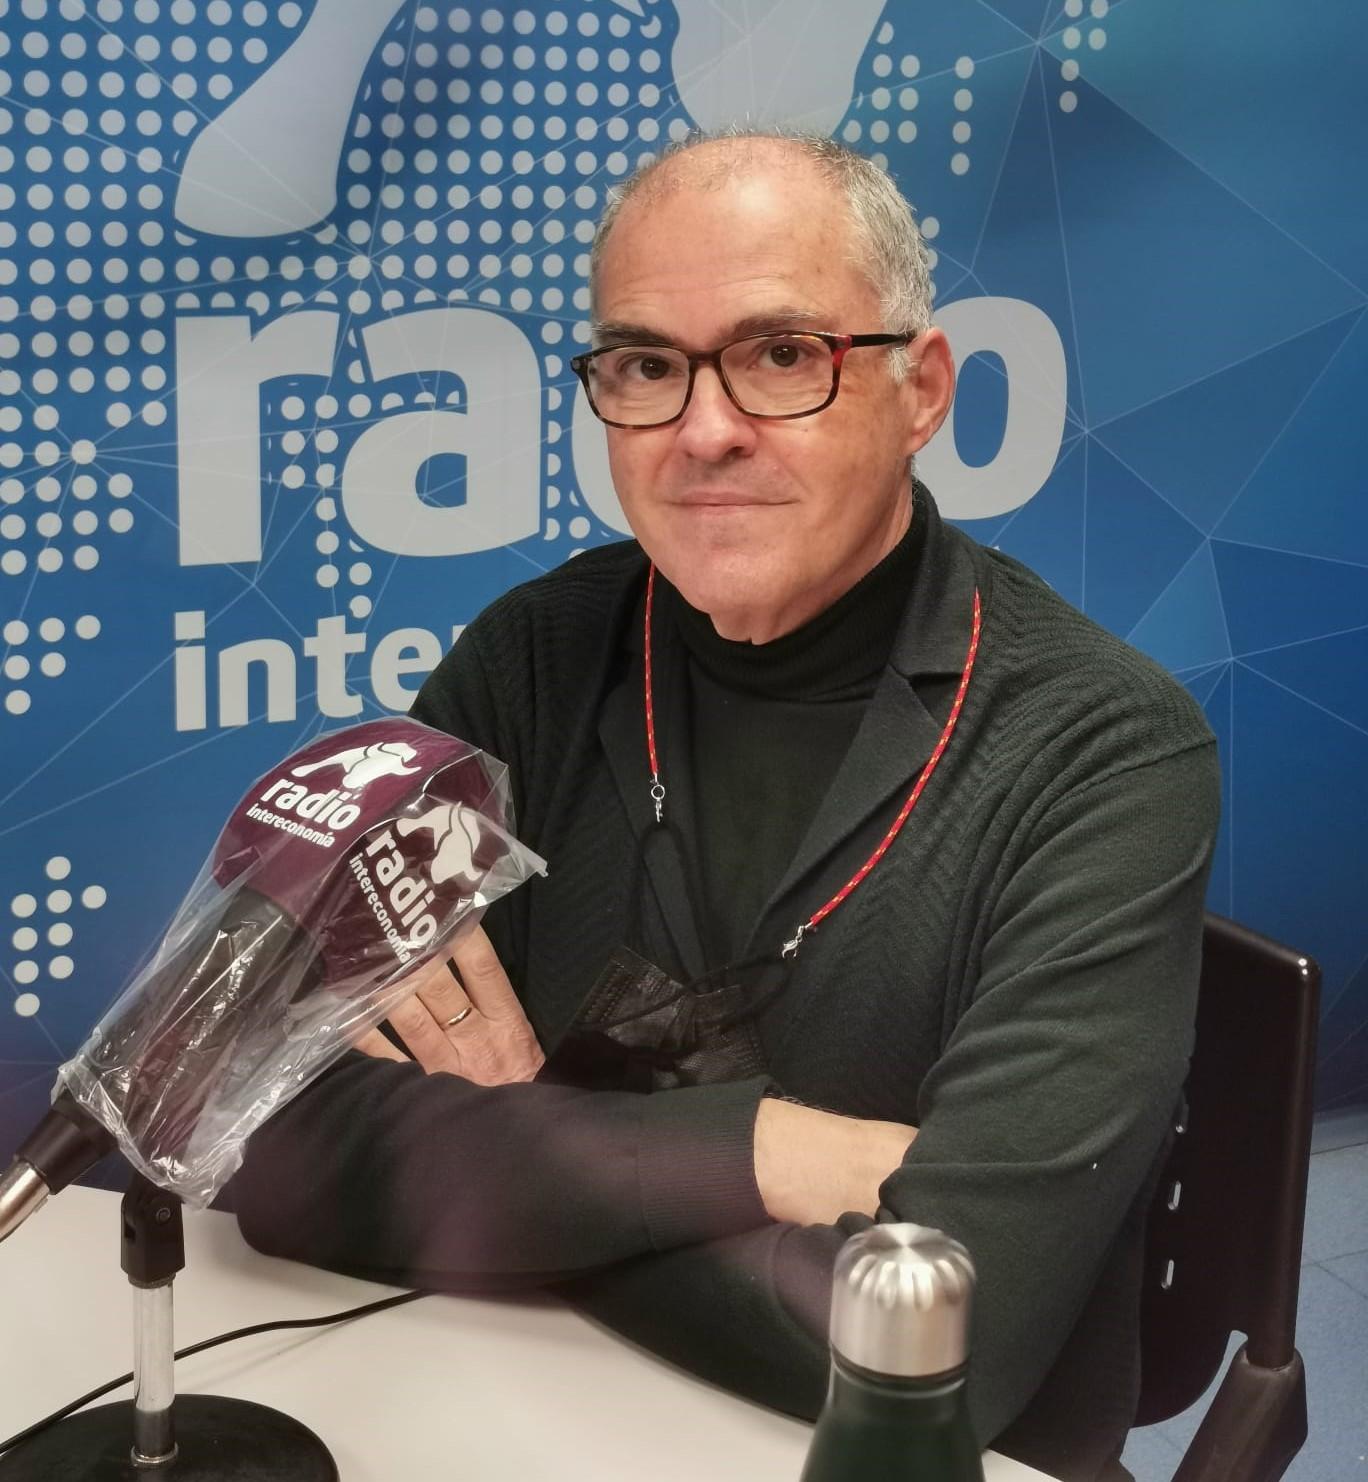 """Fernando de Rosa en El Intercafé: """"El futuro del centro derecha es estar unido, con una alternativa moderada y constitucionalista"""""""